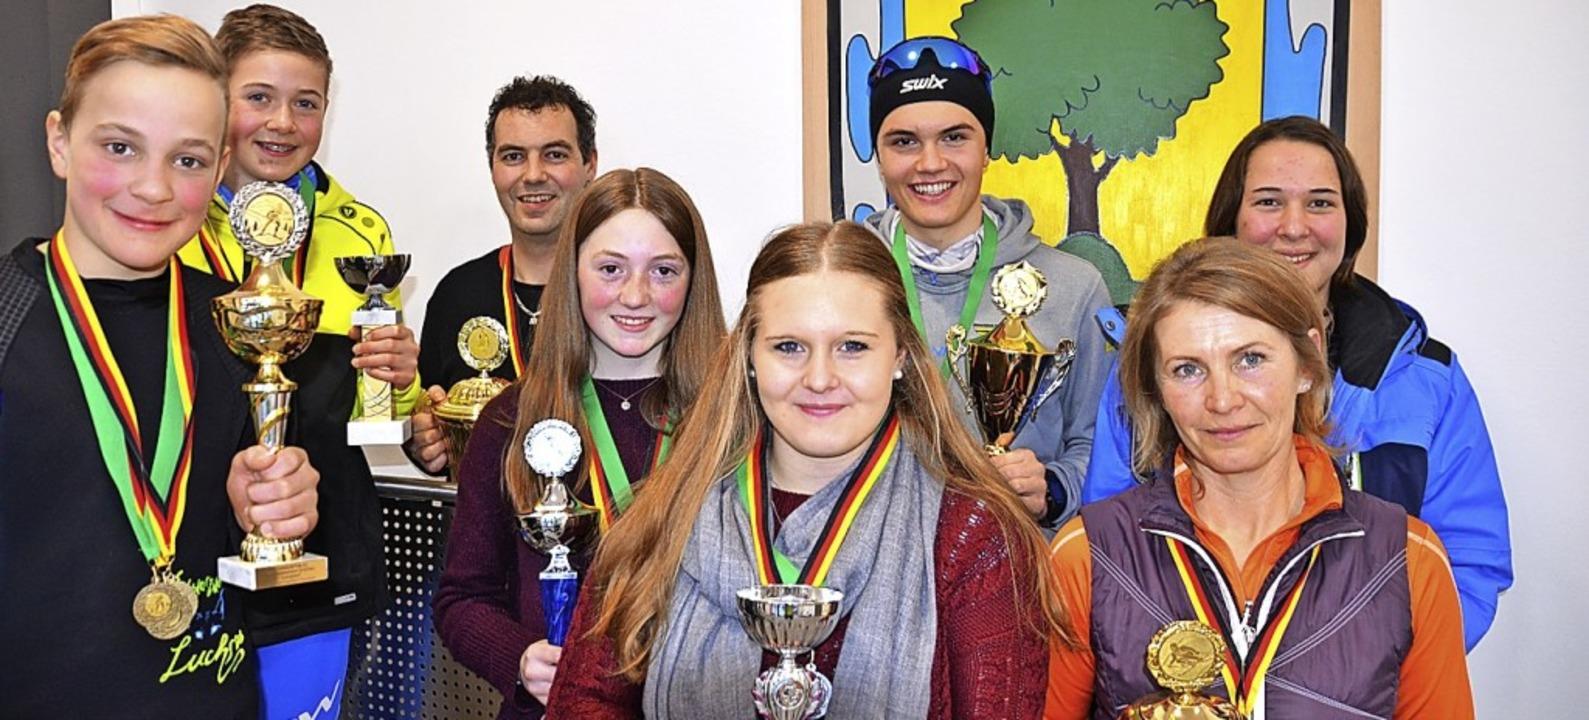 Die Vereinsmeister des Ski-Clubs Lange...us Fehrenbach (Vereinsmeister Alpin).   | Foto: Markus Straub